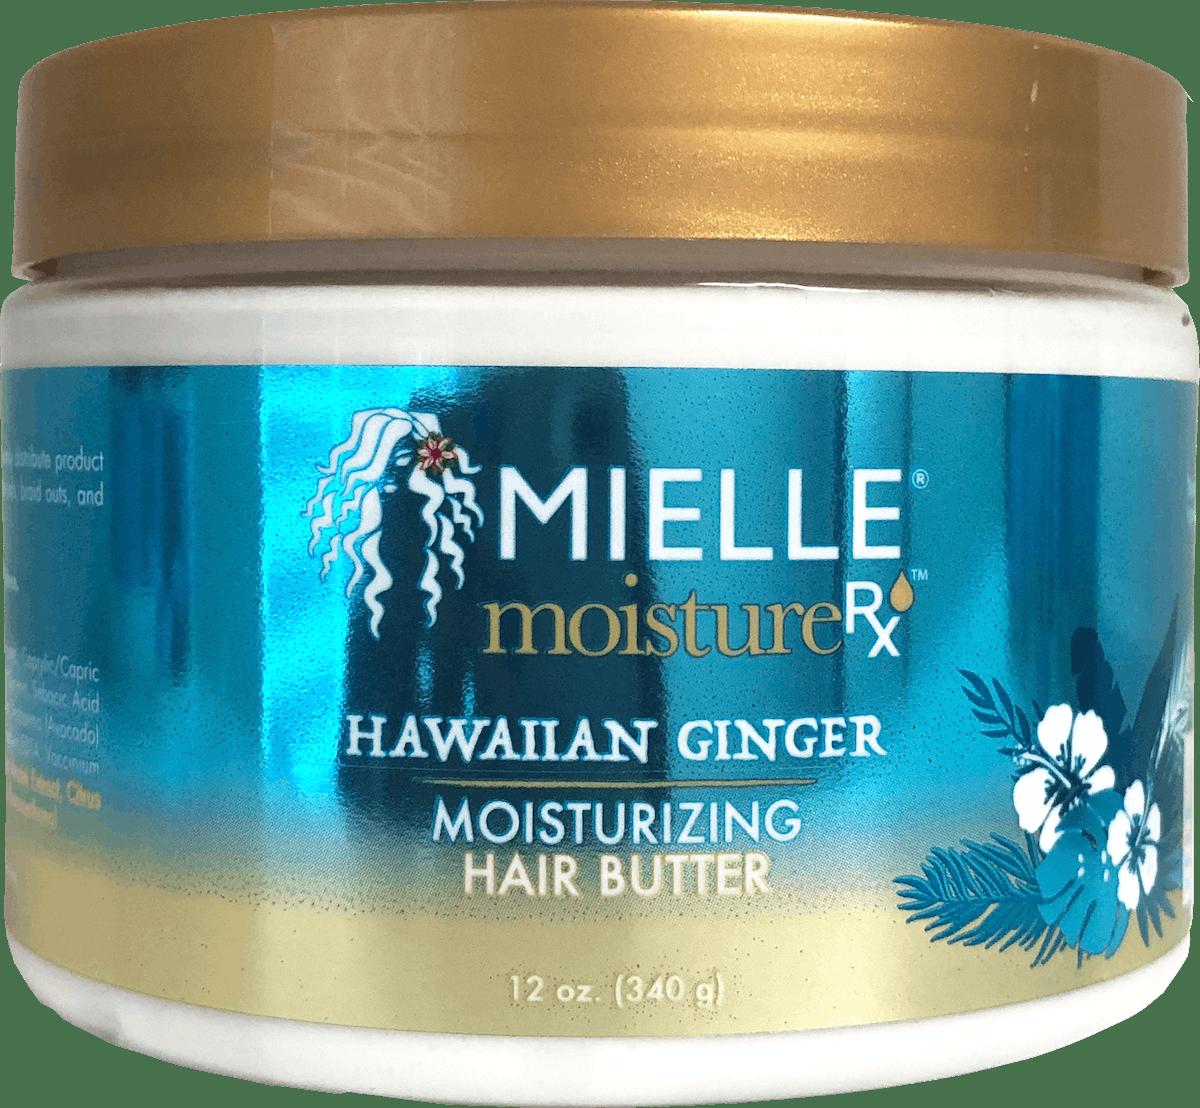 Moisture RX Hawaiian Ginger Moisturizing Hair Butter